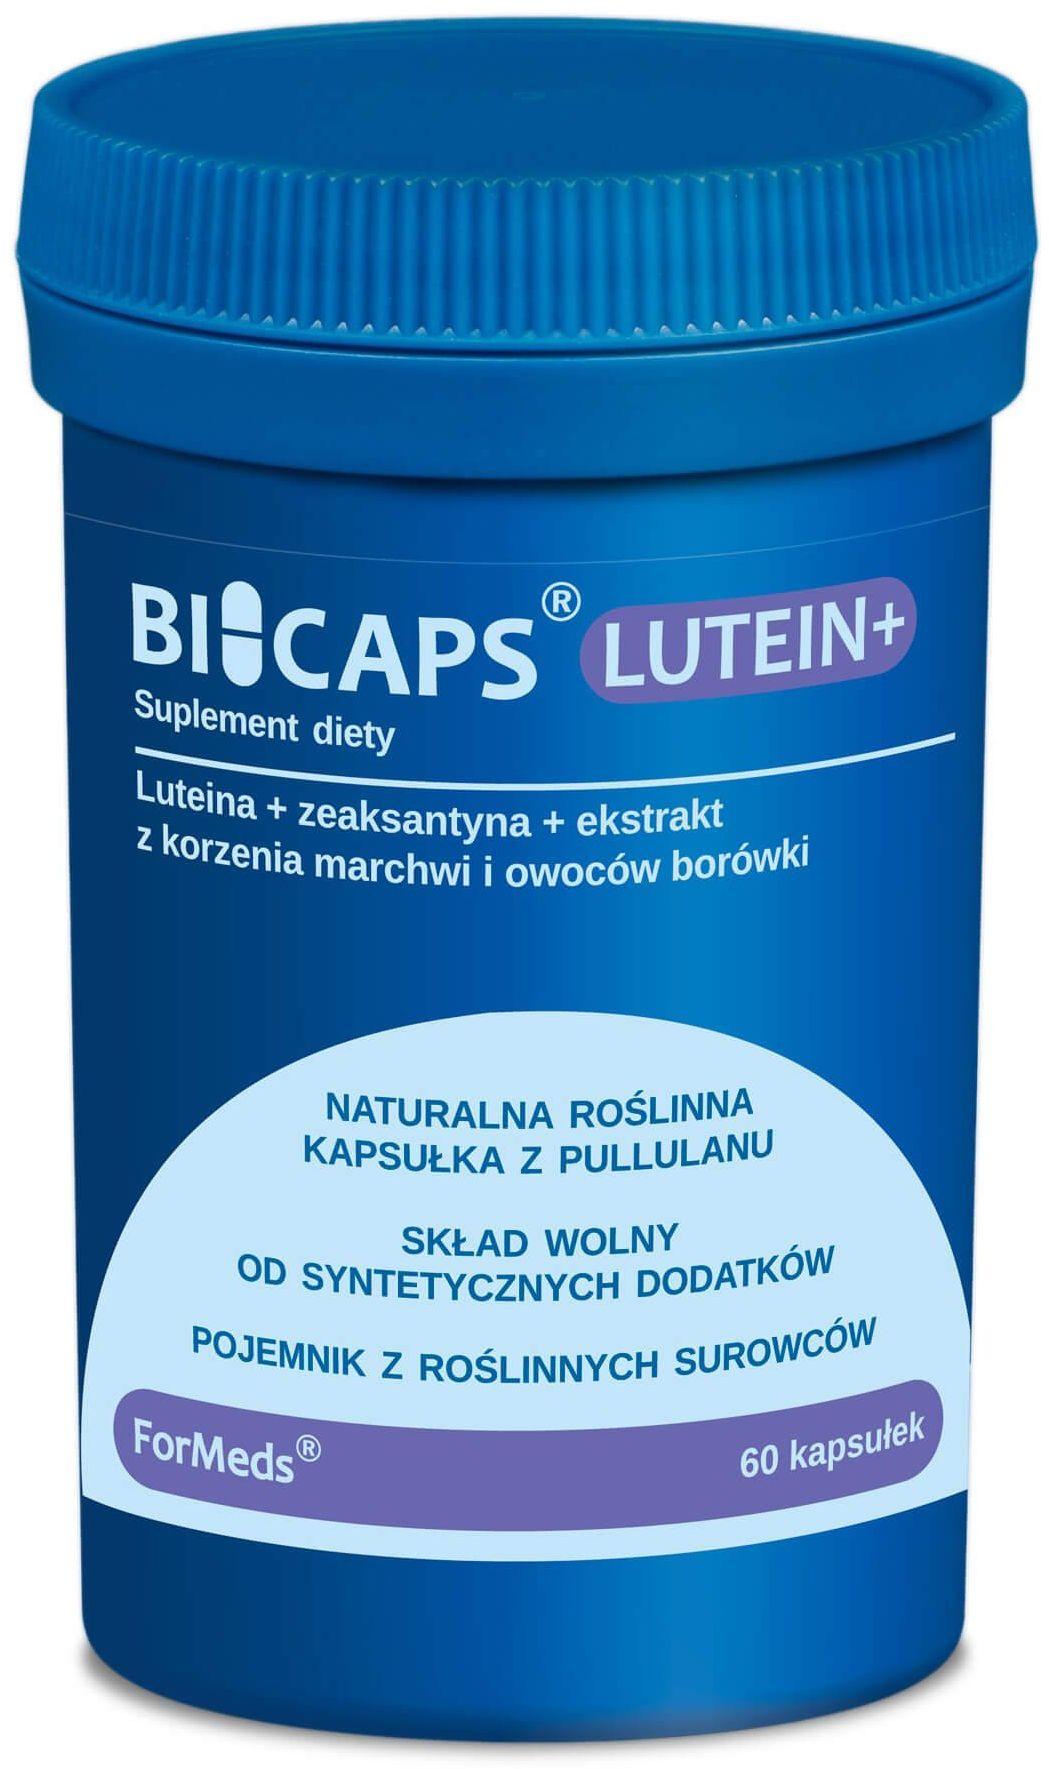 BICAPS LUTEIN+ Luteina 20 mg Zeaksantyna 2 mg + Witamina A Wzrok Oczy (60 kaps) ForMeds